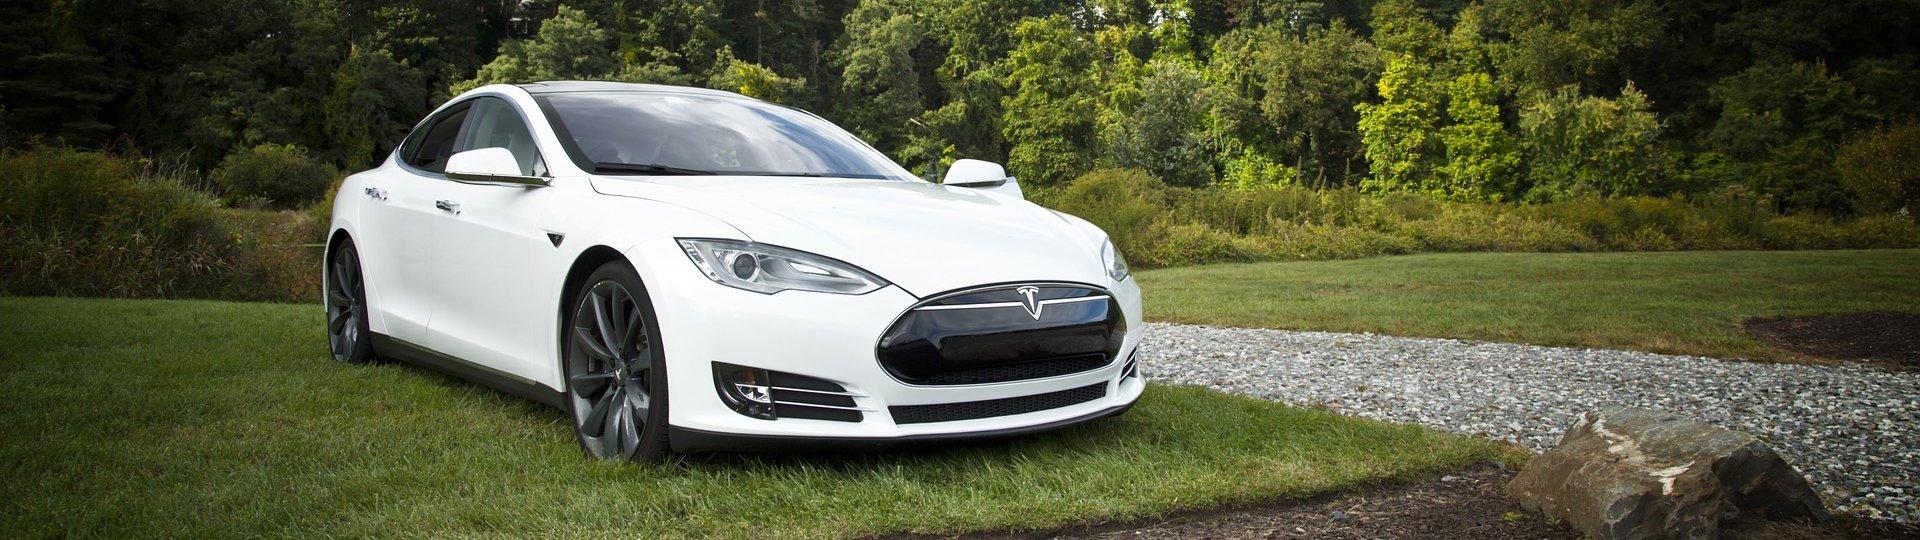 Bijtelling Duurdere Elektrische Auto S Gaat Fors Omhoog